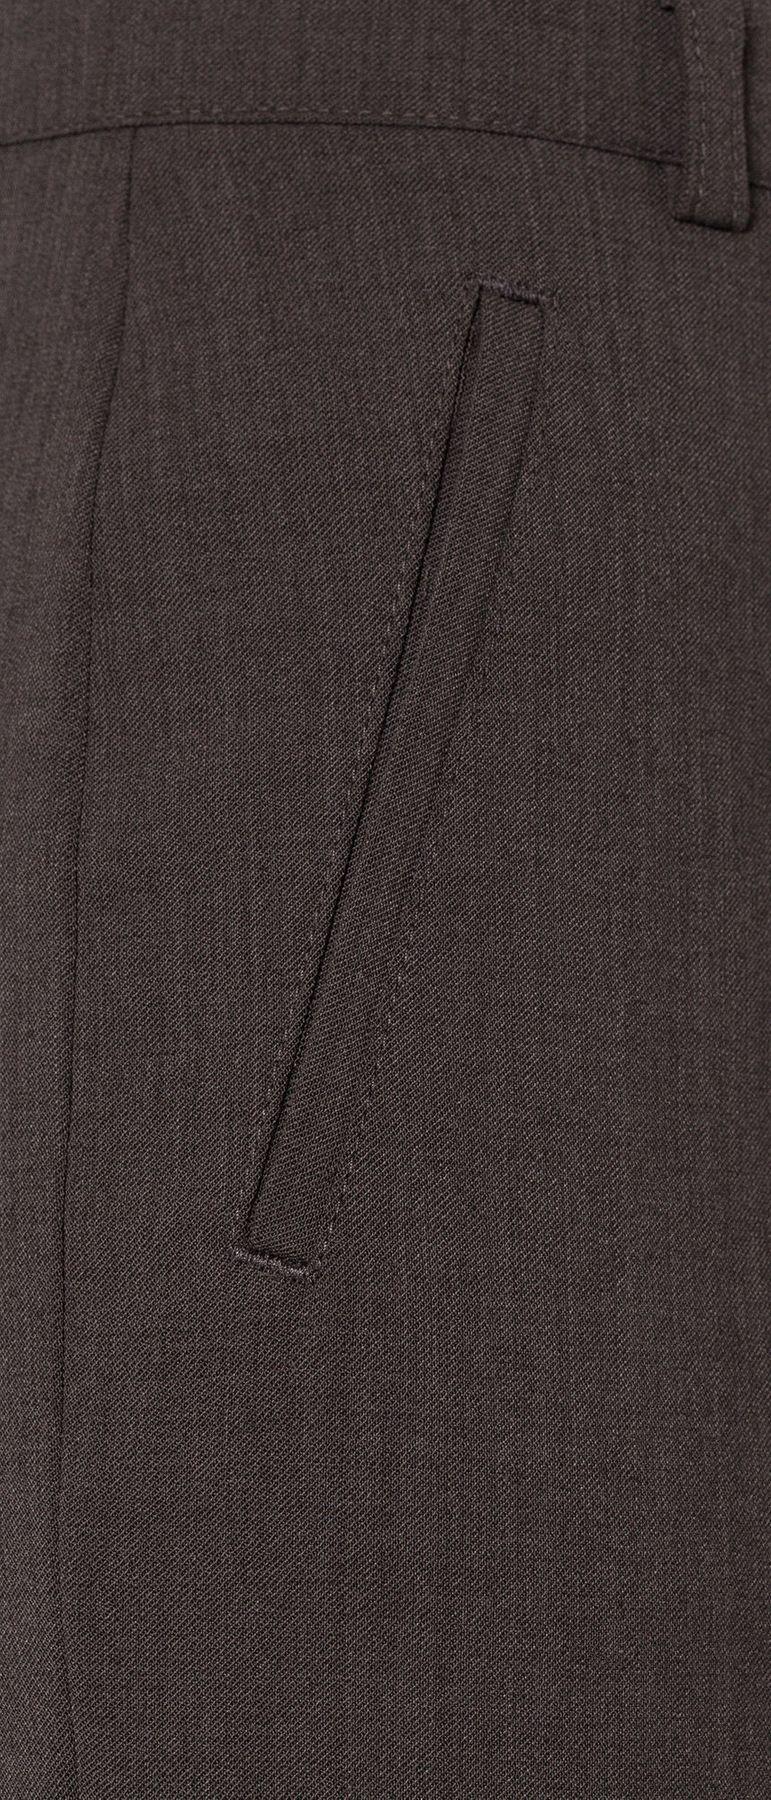 Atelier Gardeur - Comfortable Fit - Damen Stretchhose in braun - Kita (061006) – Bild 4